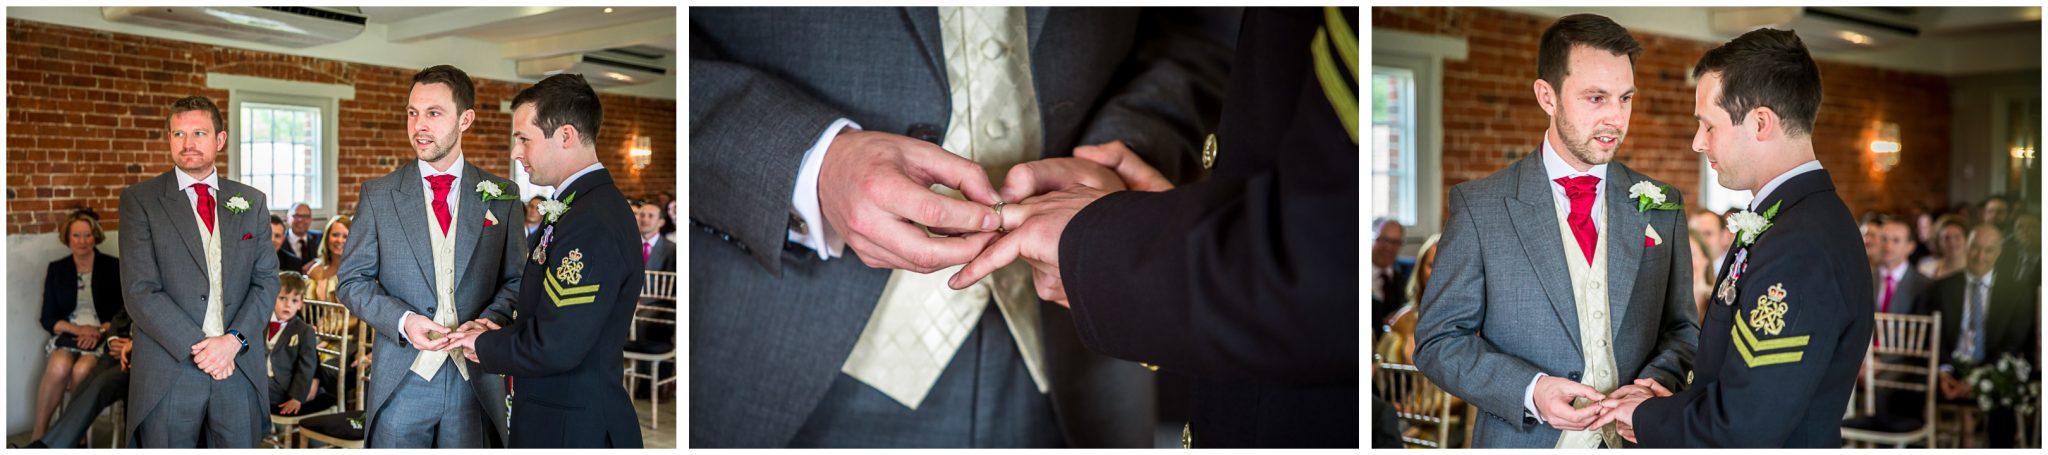 Sopley wedding photographer exchange of rings